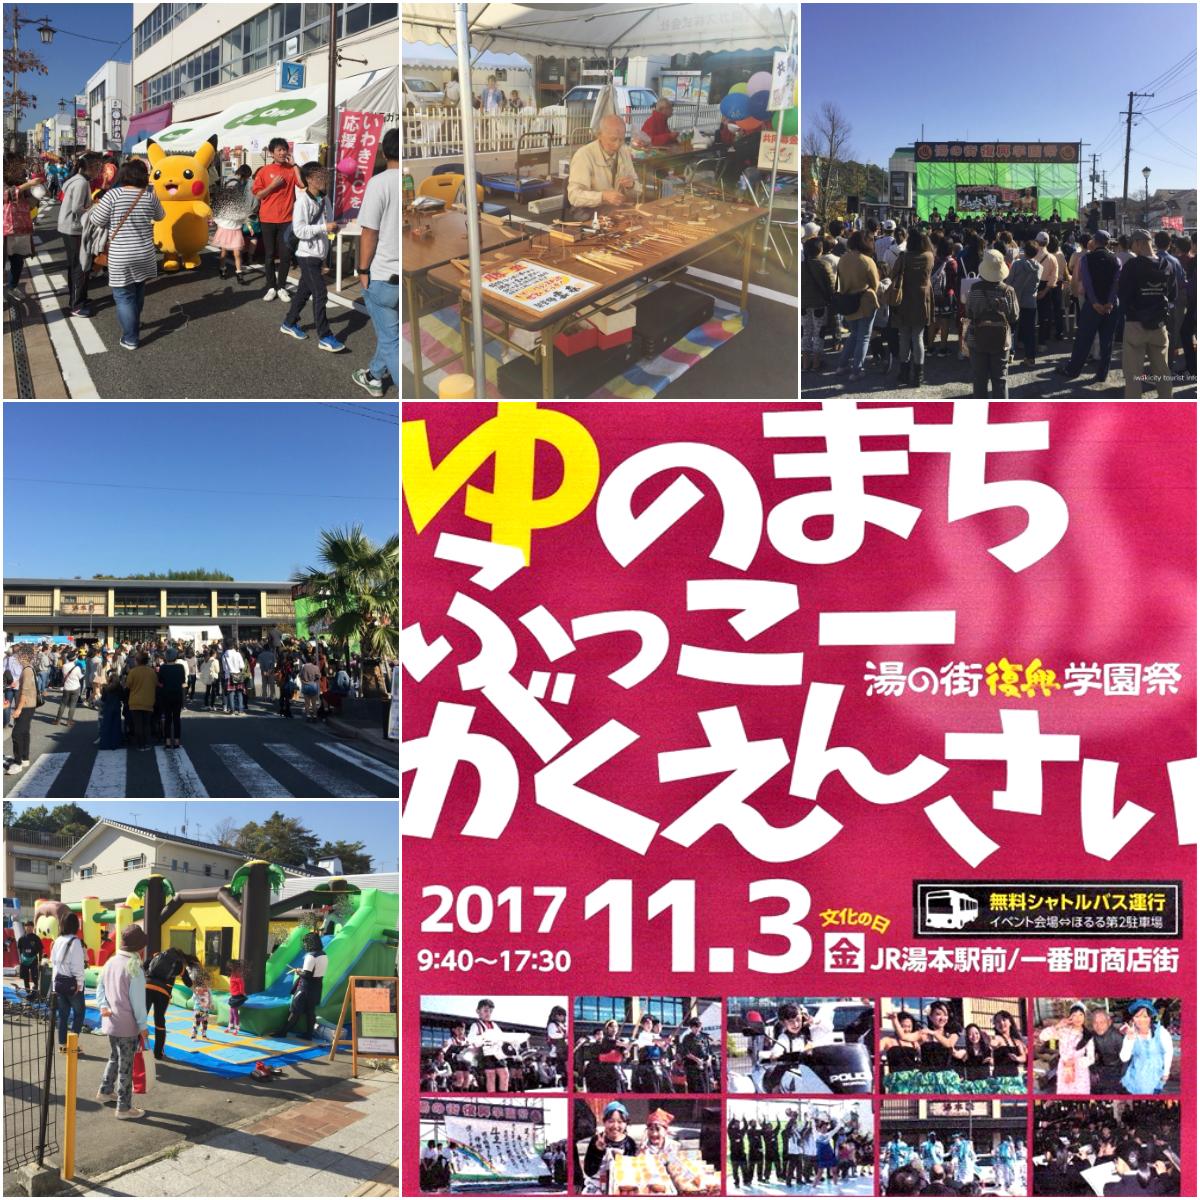 「湯の街復興学園祭」イベントリポート! [平成29年11月4日(土)更新]